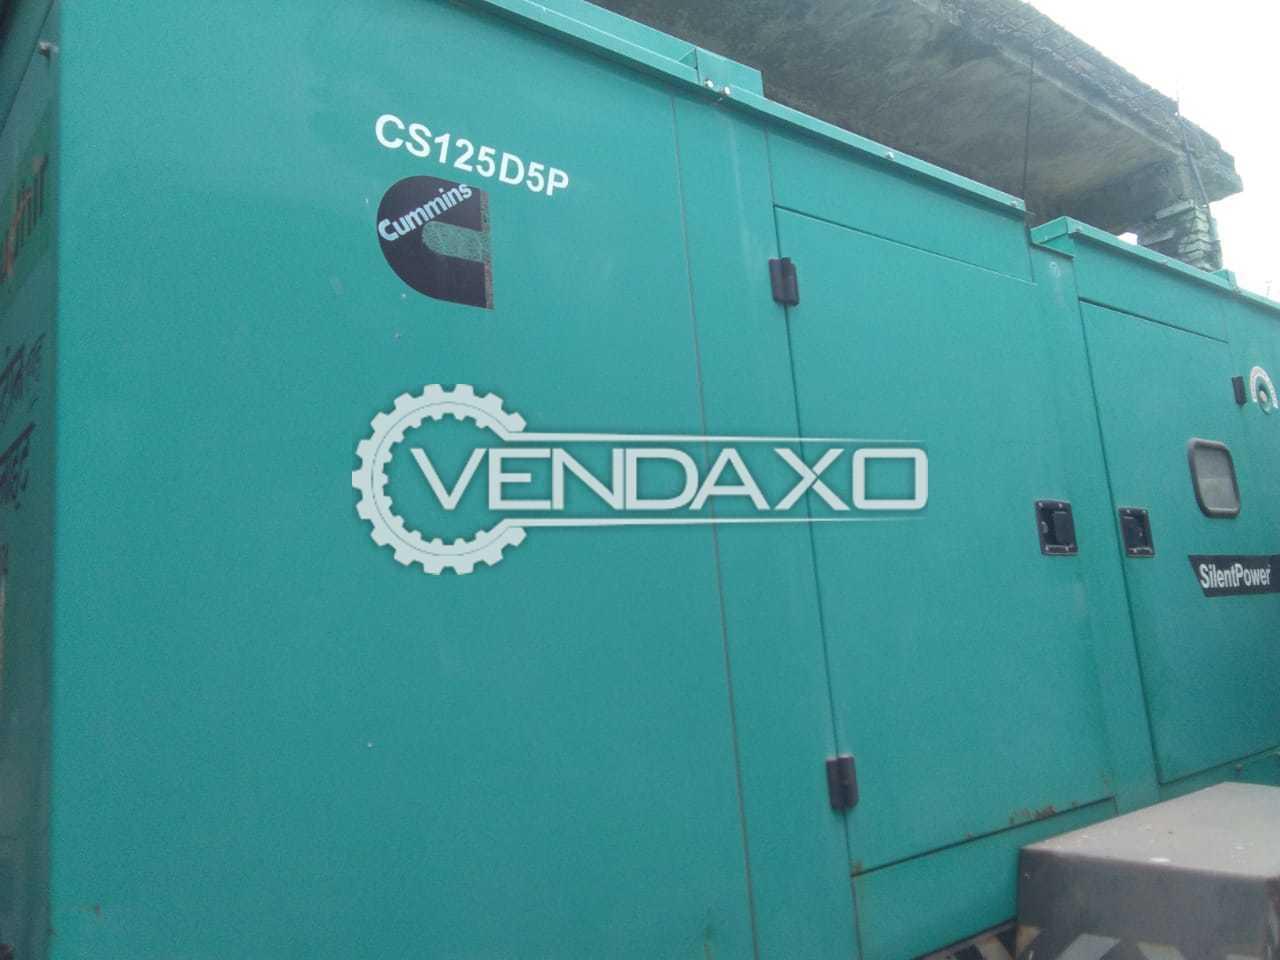 Cummins CS125D5P Diesel Generator - 125 Kva